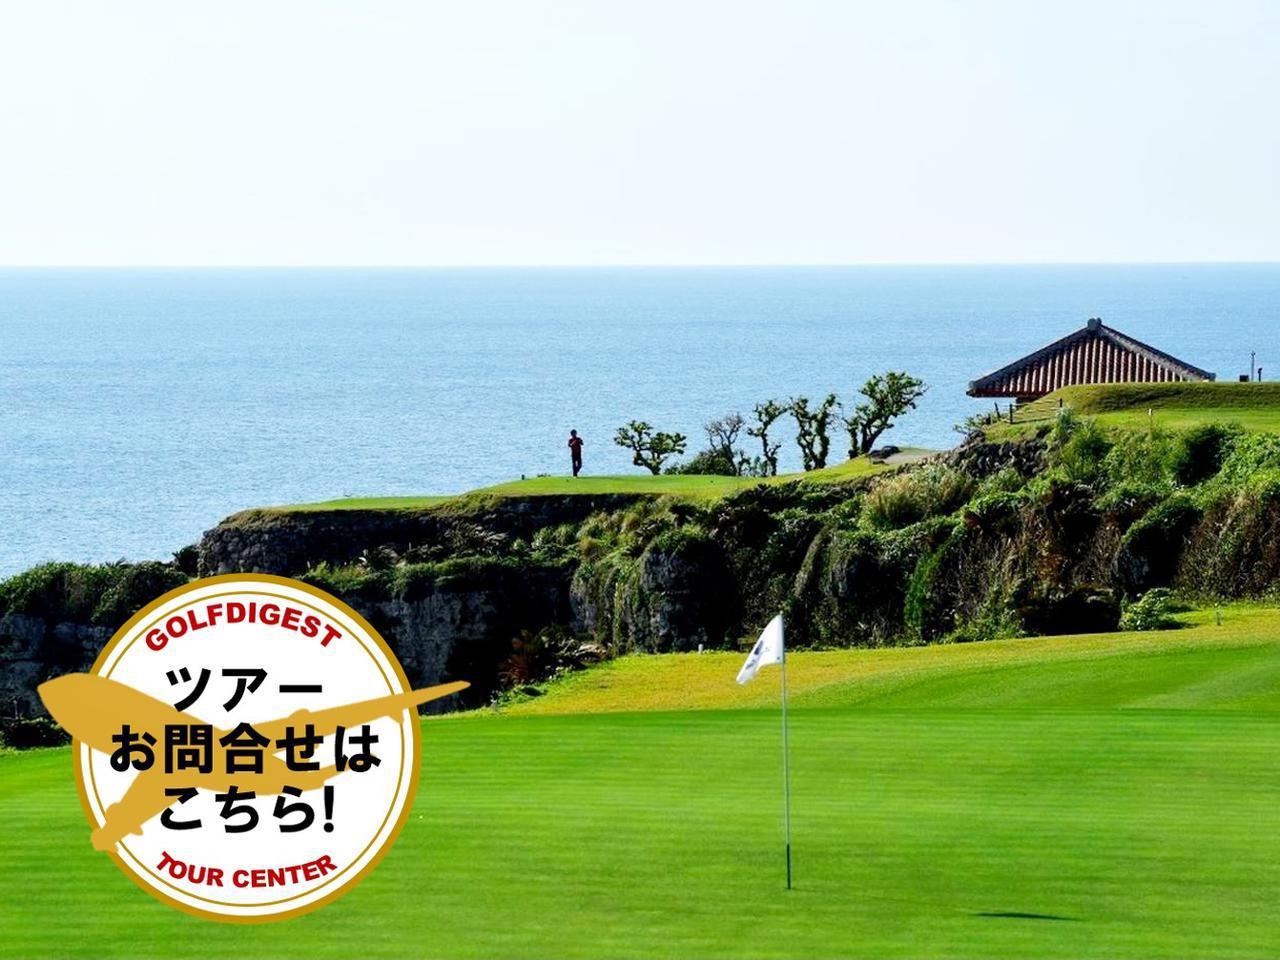 画像: 【沖縄・名コース】琉球GC、ザ・サザンリンクスGC、沖縄本島南の厳選コースでゴルフ 2日間 2プレー - ゴルフへ行こうWEB by ゴルフダイジェスト